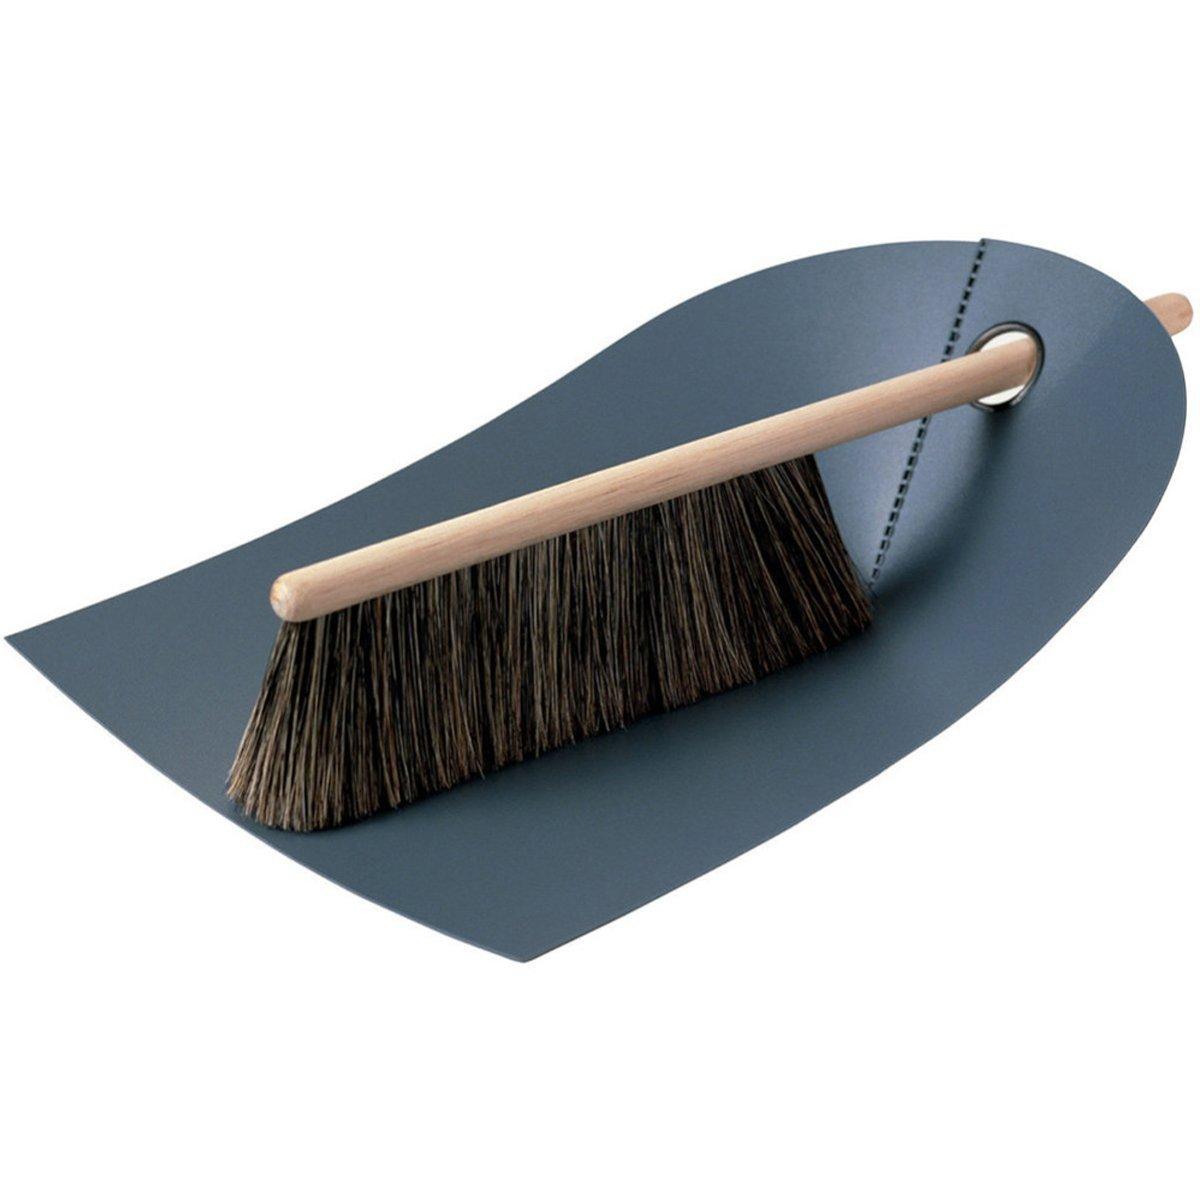 Normann Copenhagen Dustpan And Broom - Dark Grey